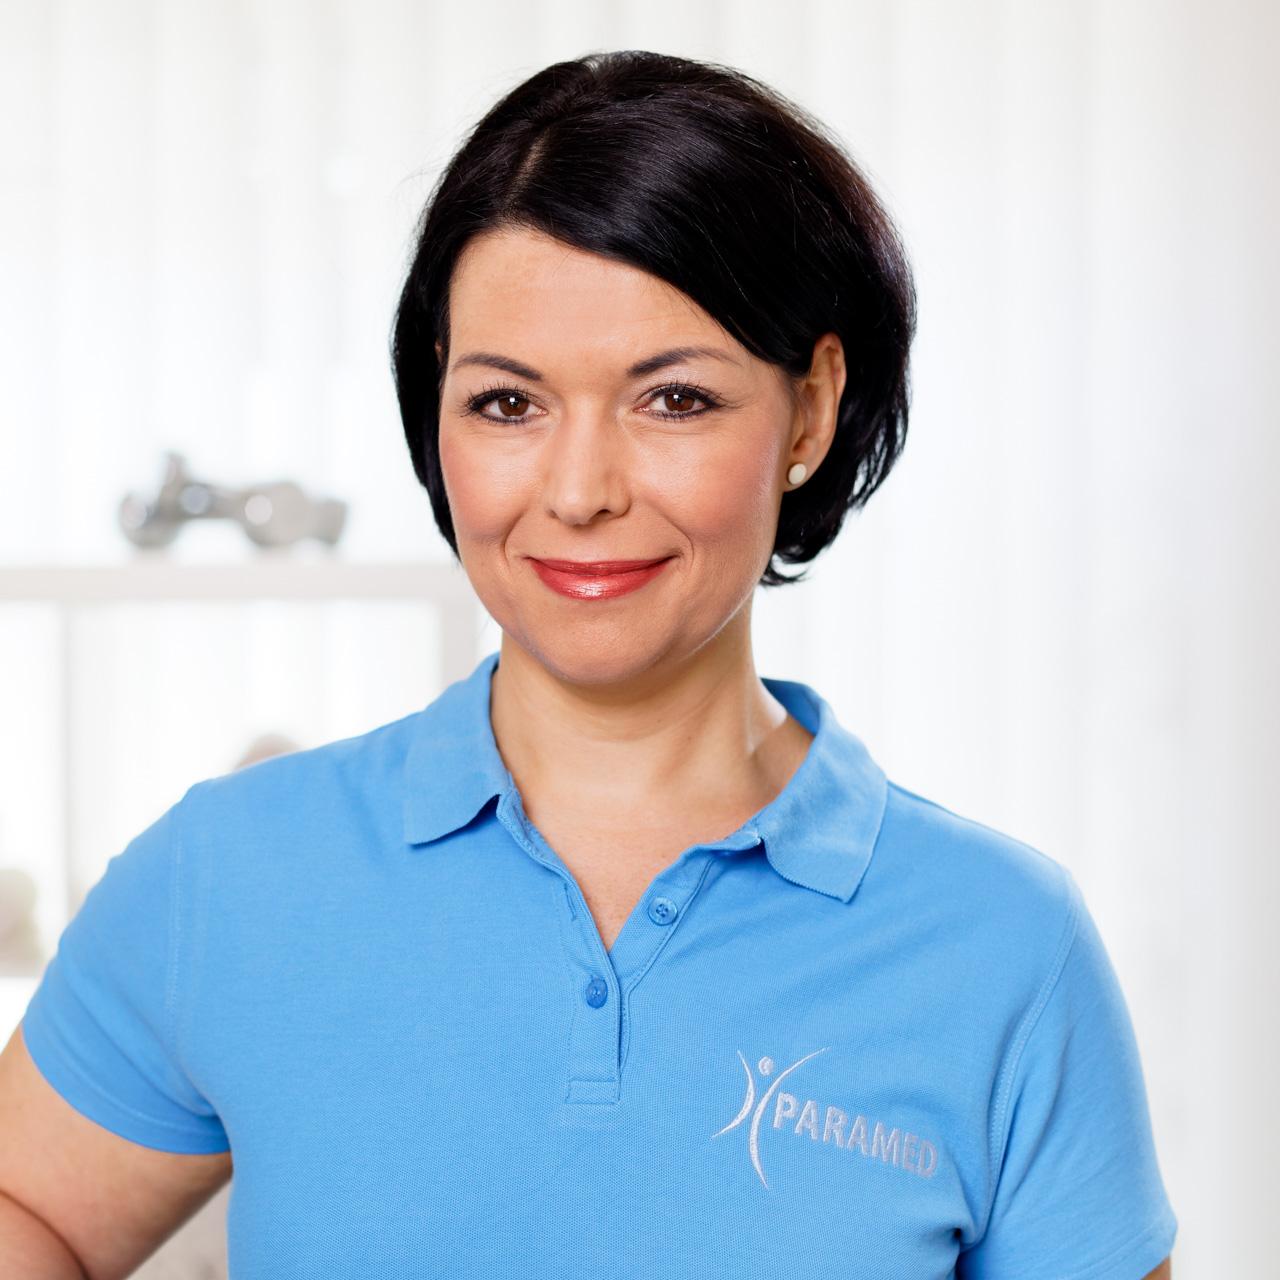 Nadine Lüdecke